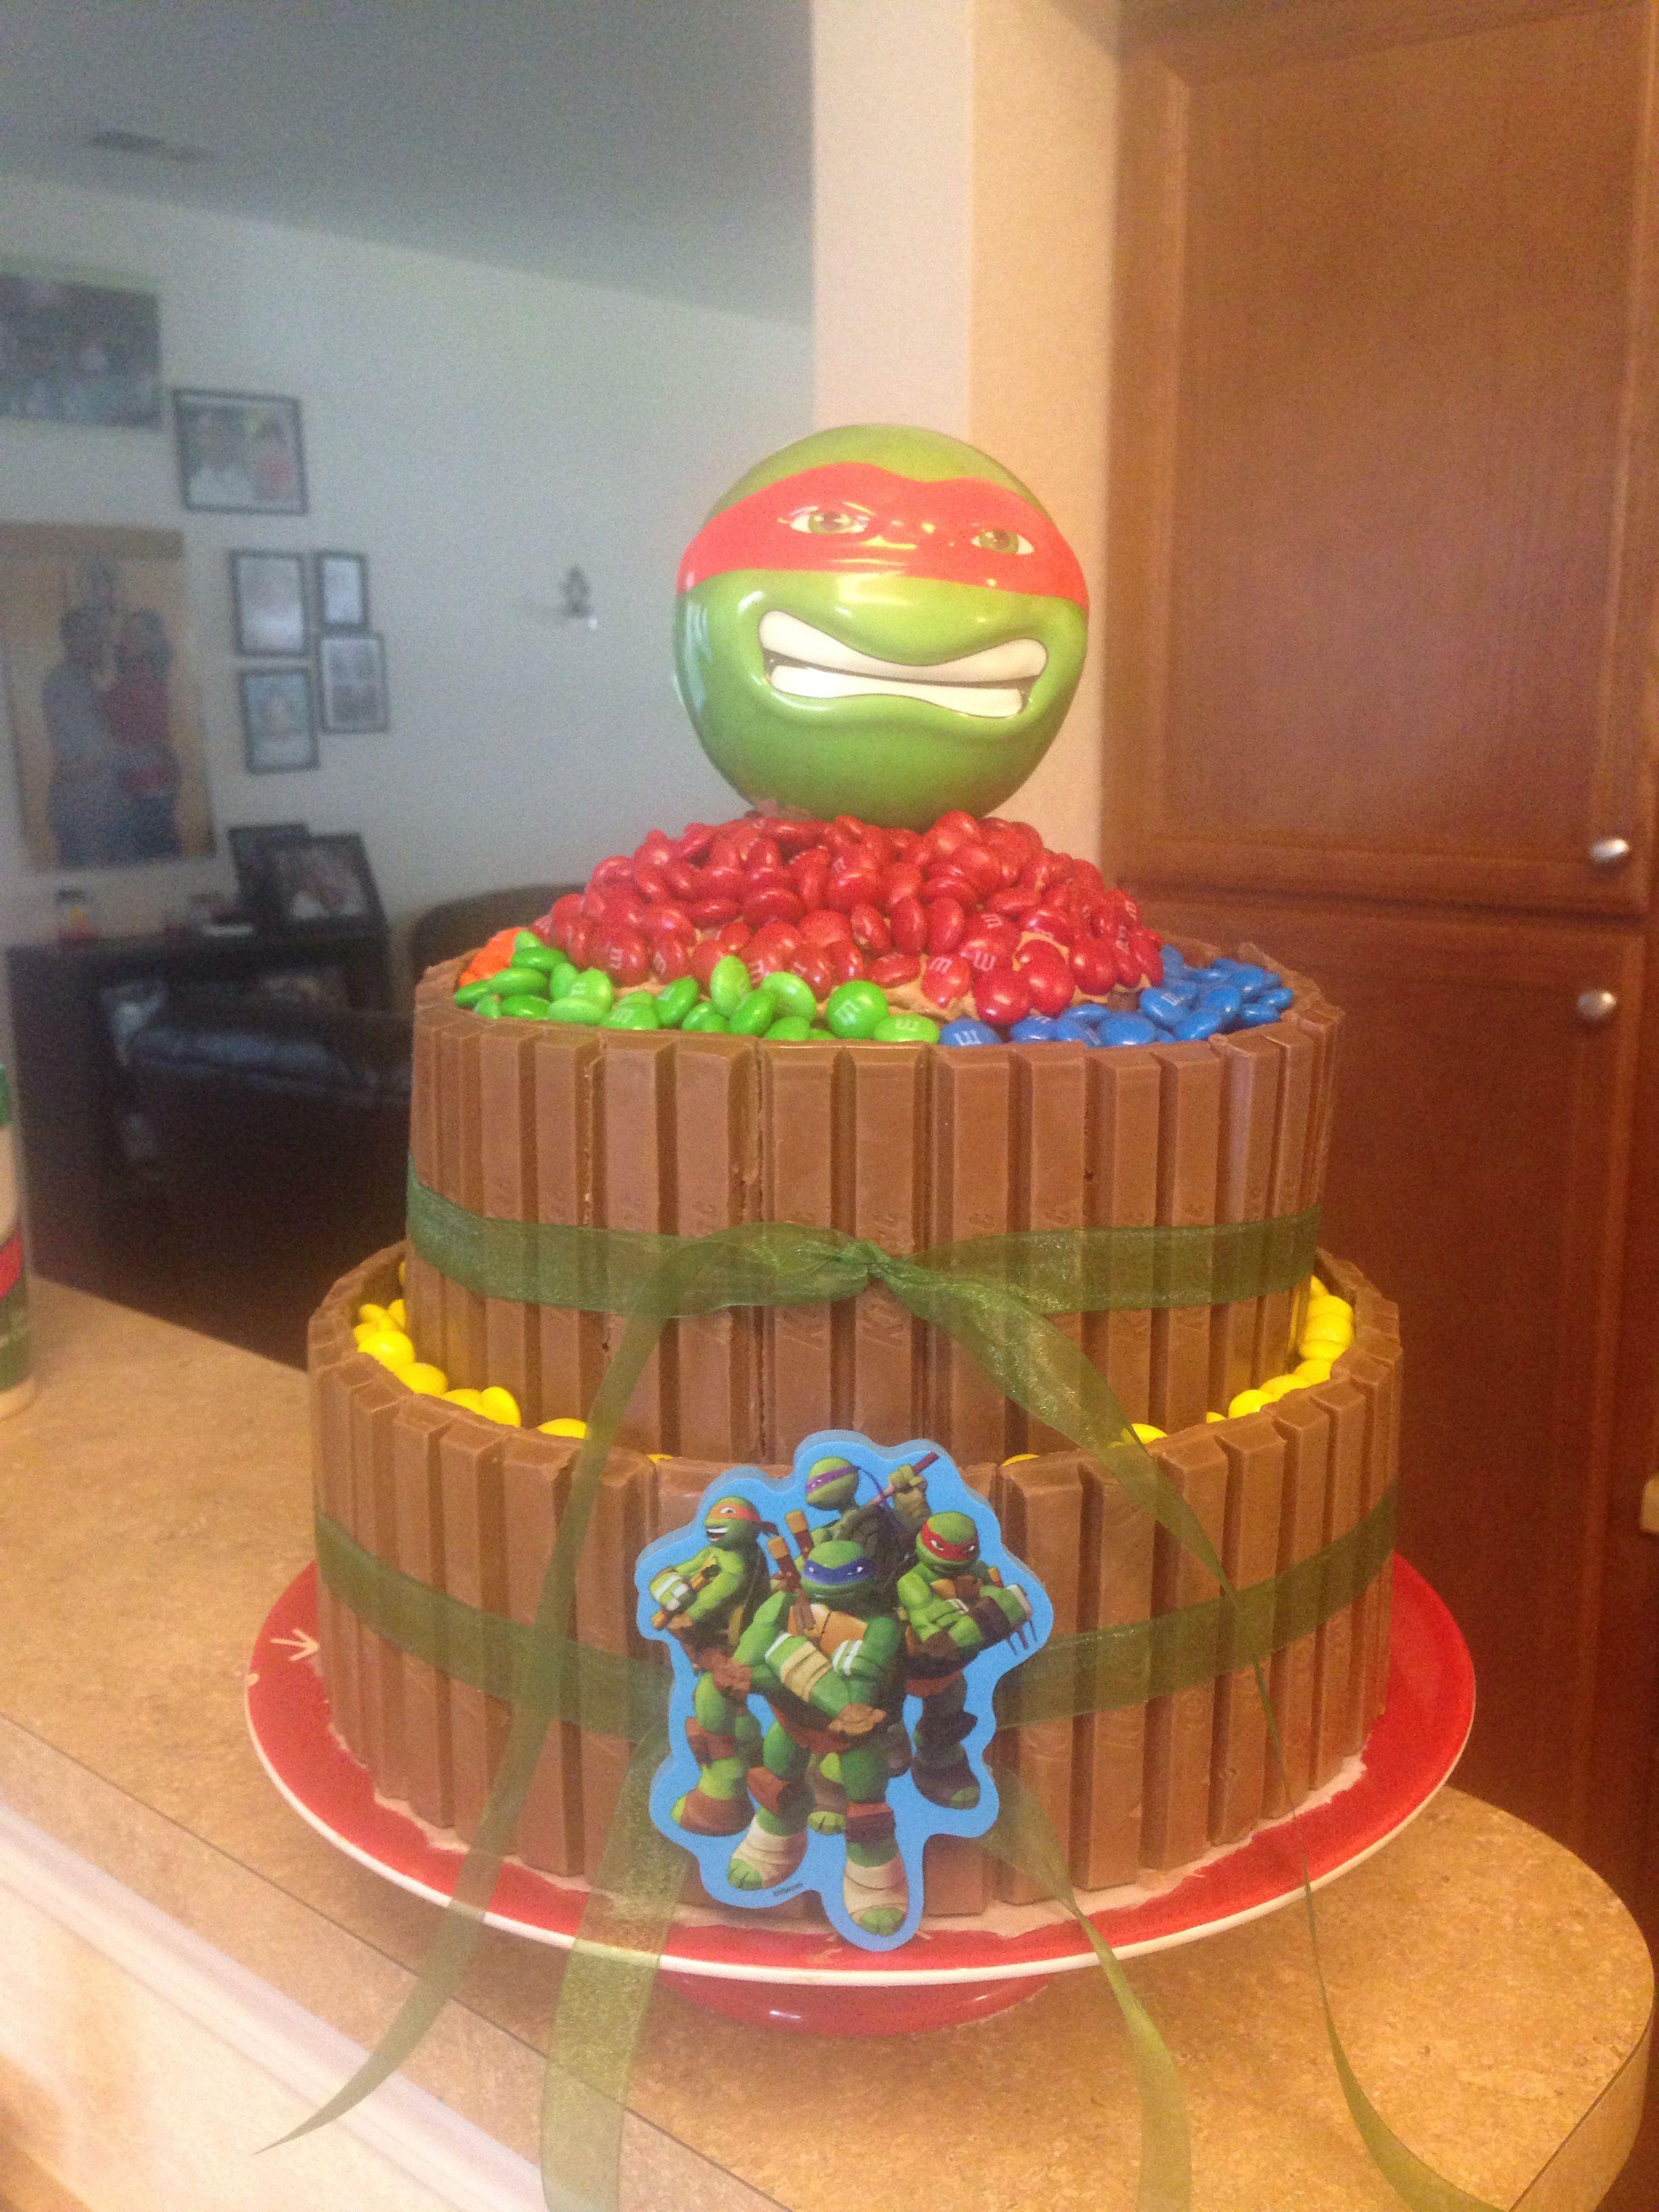 Kit Kat M M Ninja Turtle Cake Turtle Cake Ninja Turtle Cake Cake